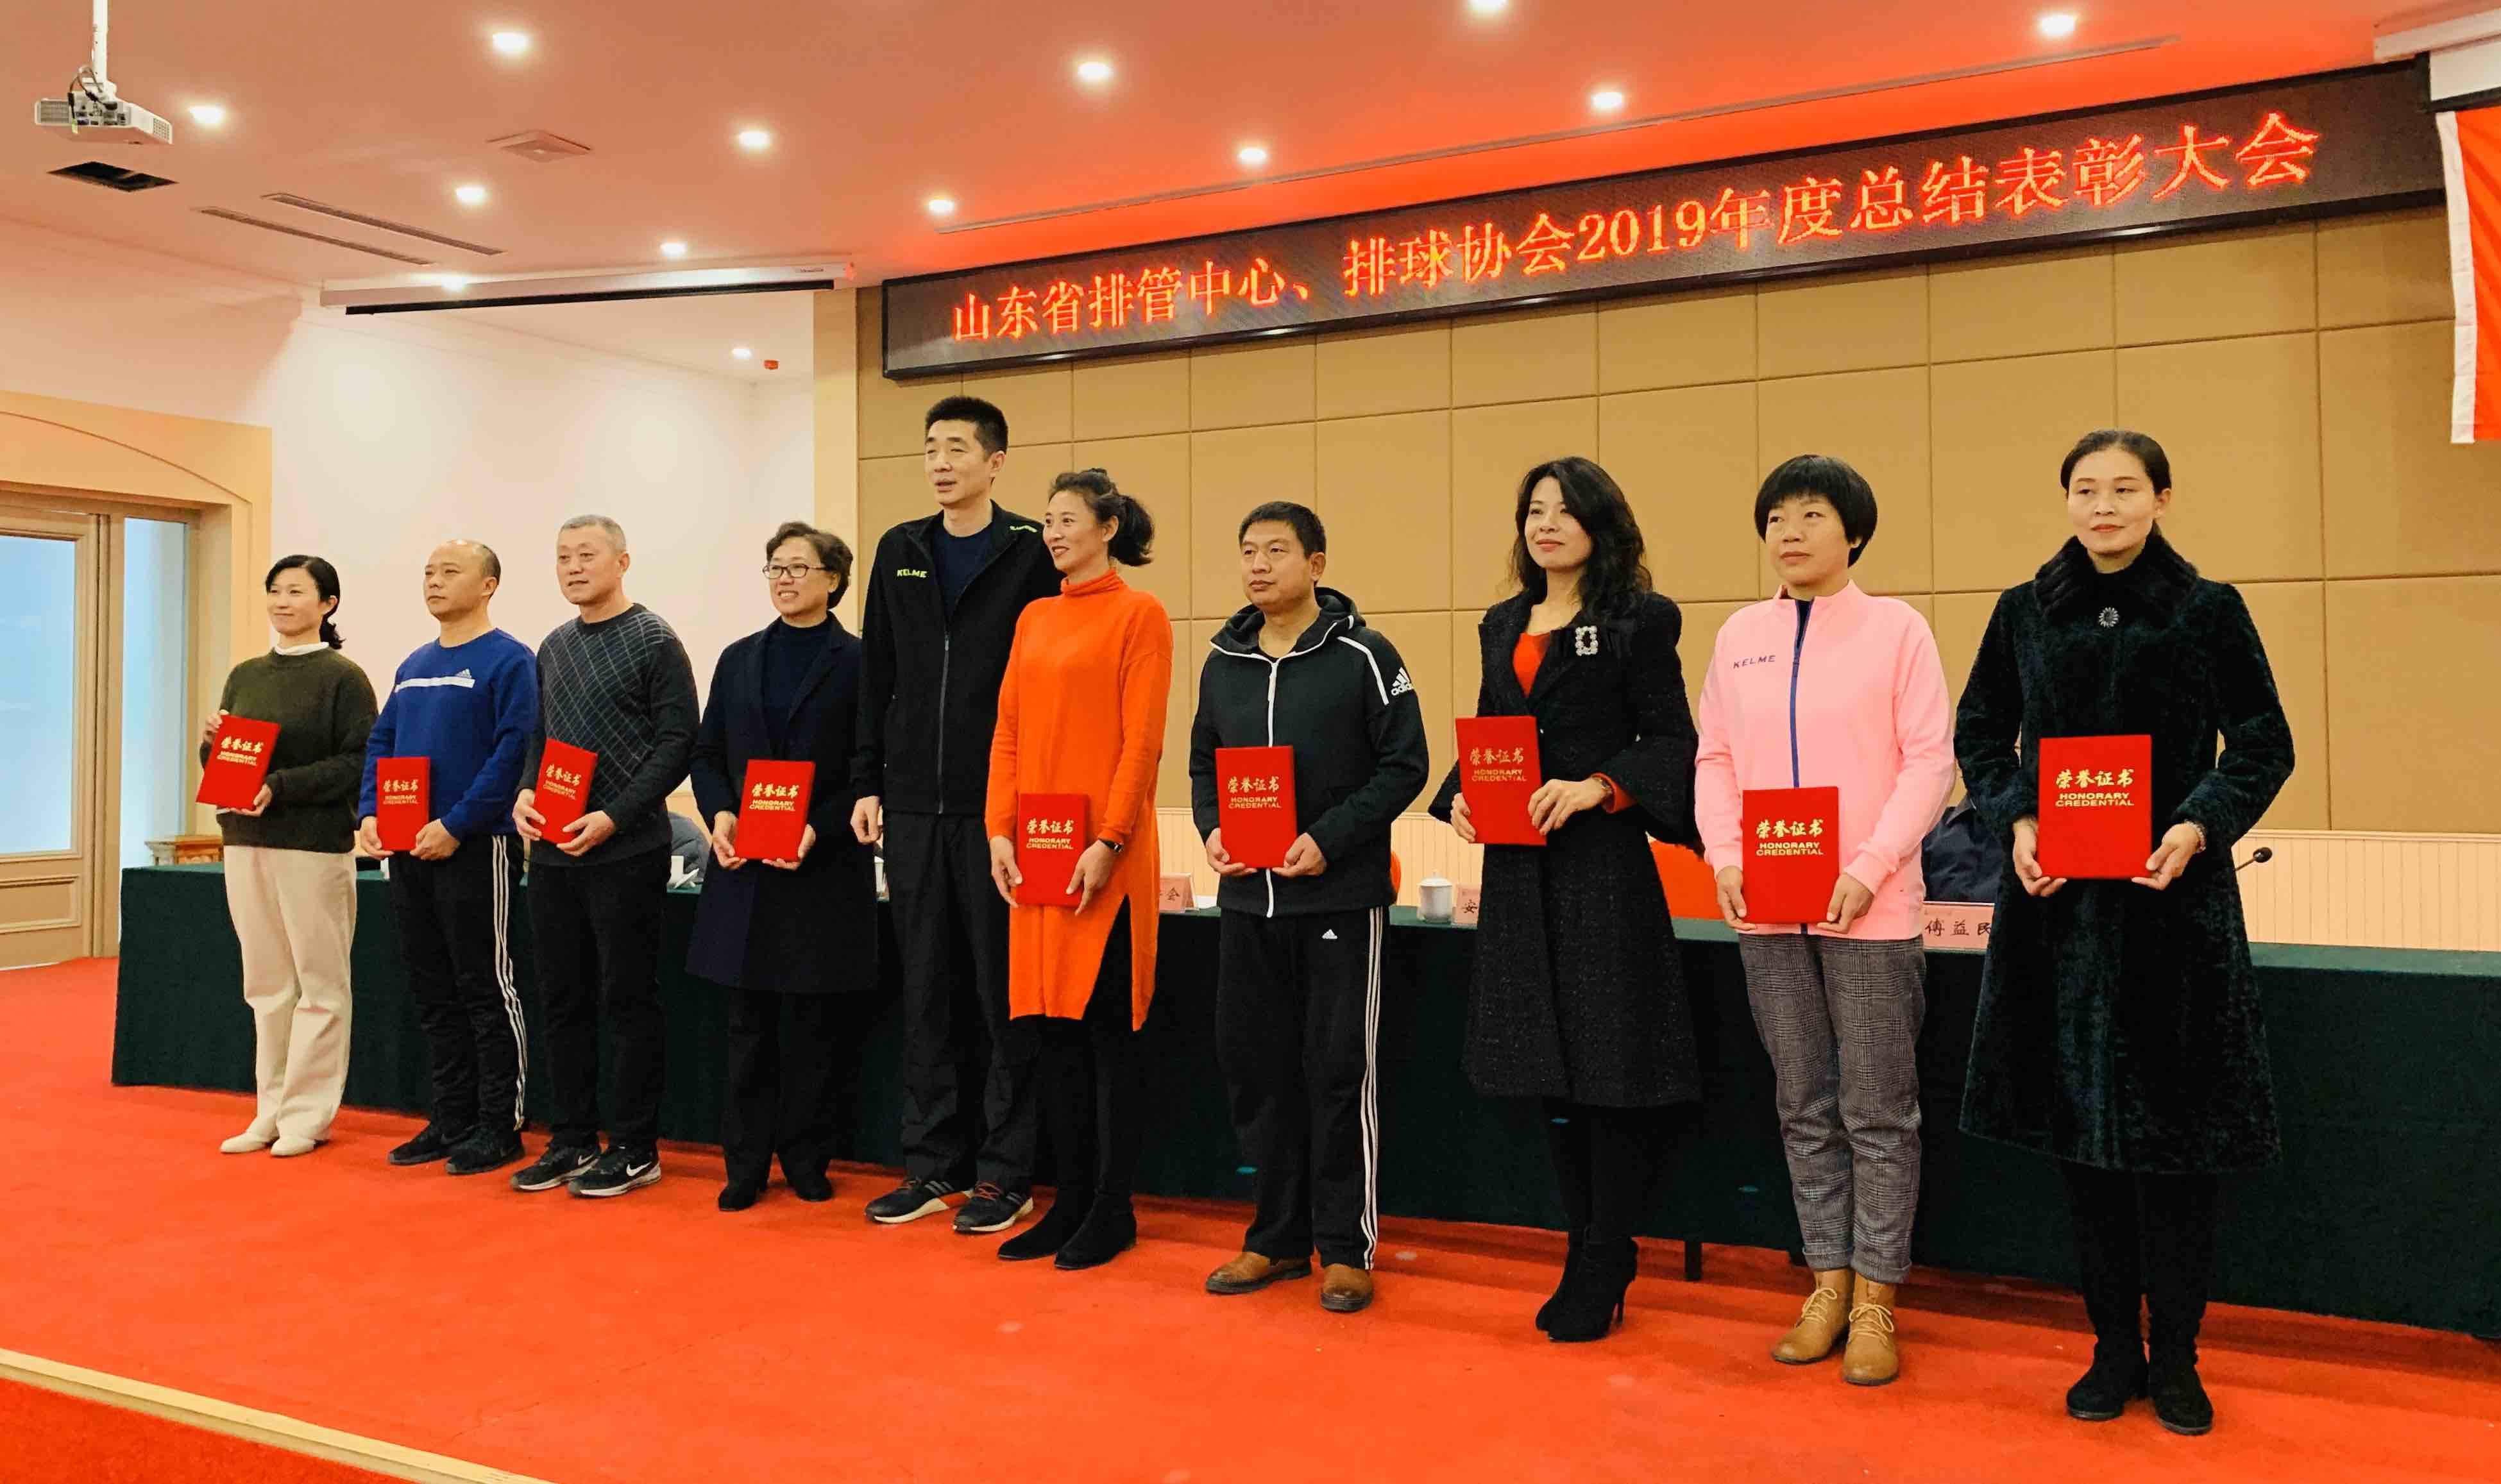 山东省排管中心 山东省排球协会2019年总结表彰大会在济南举行